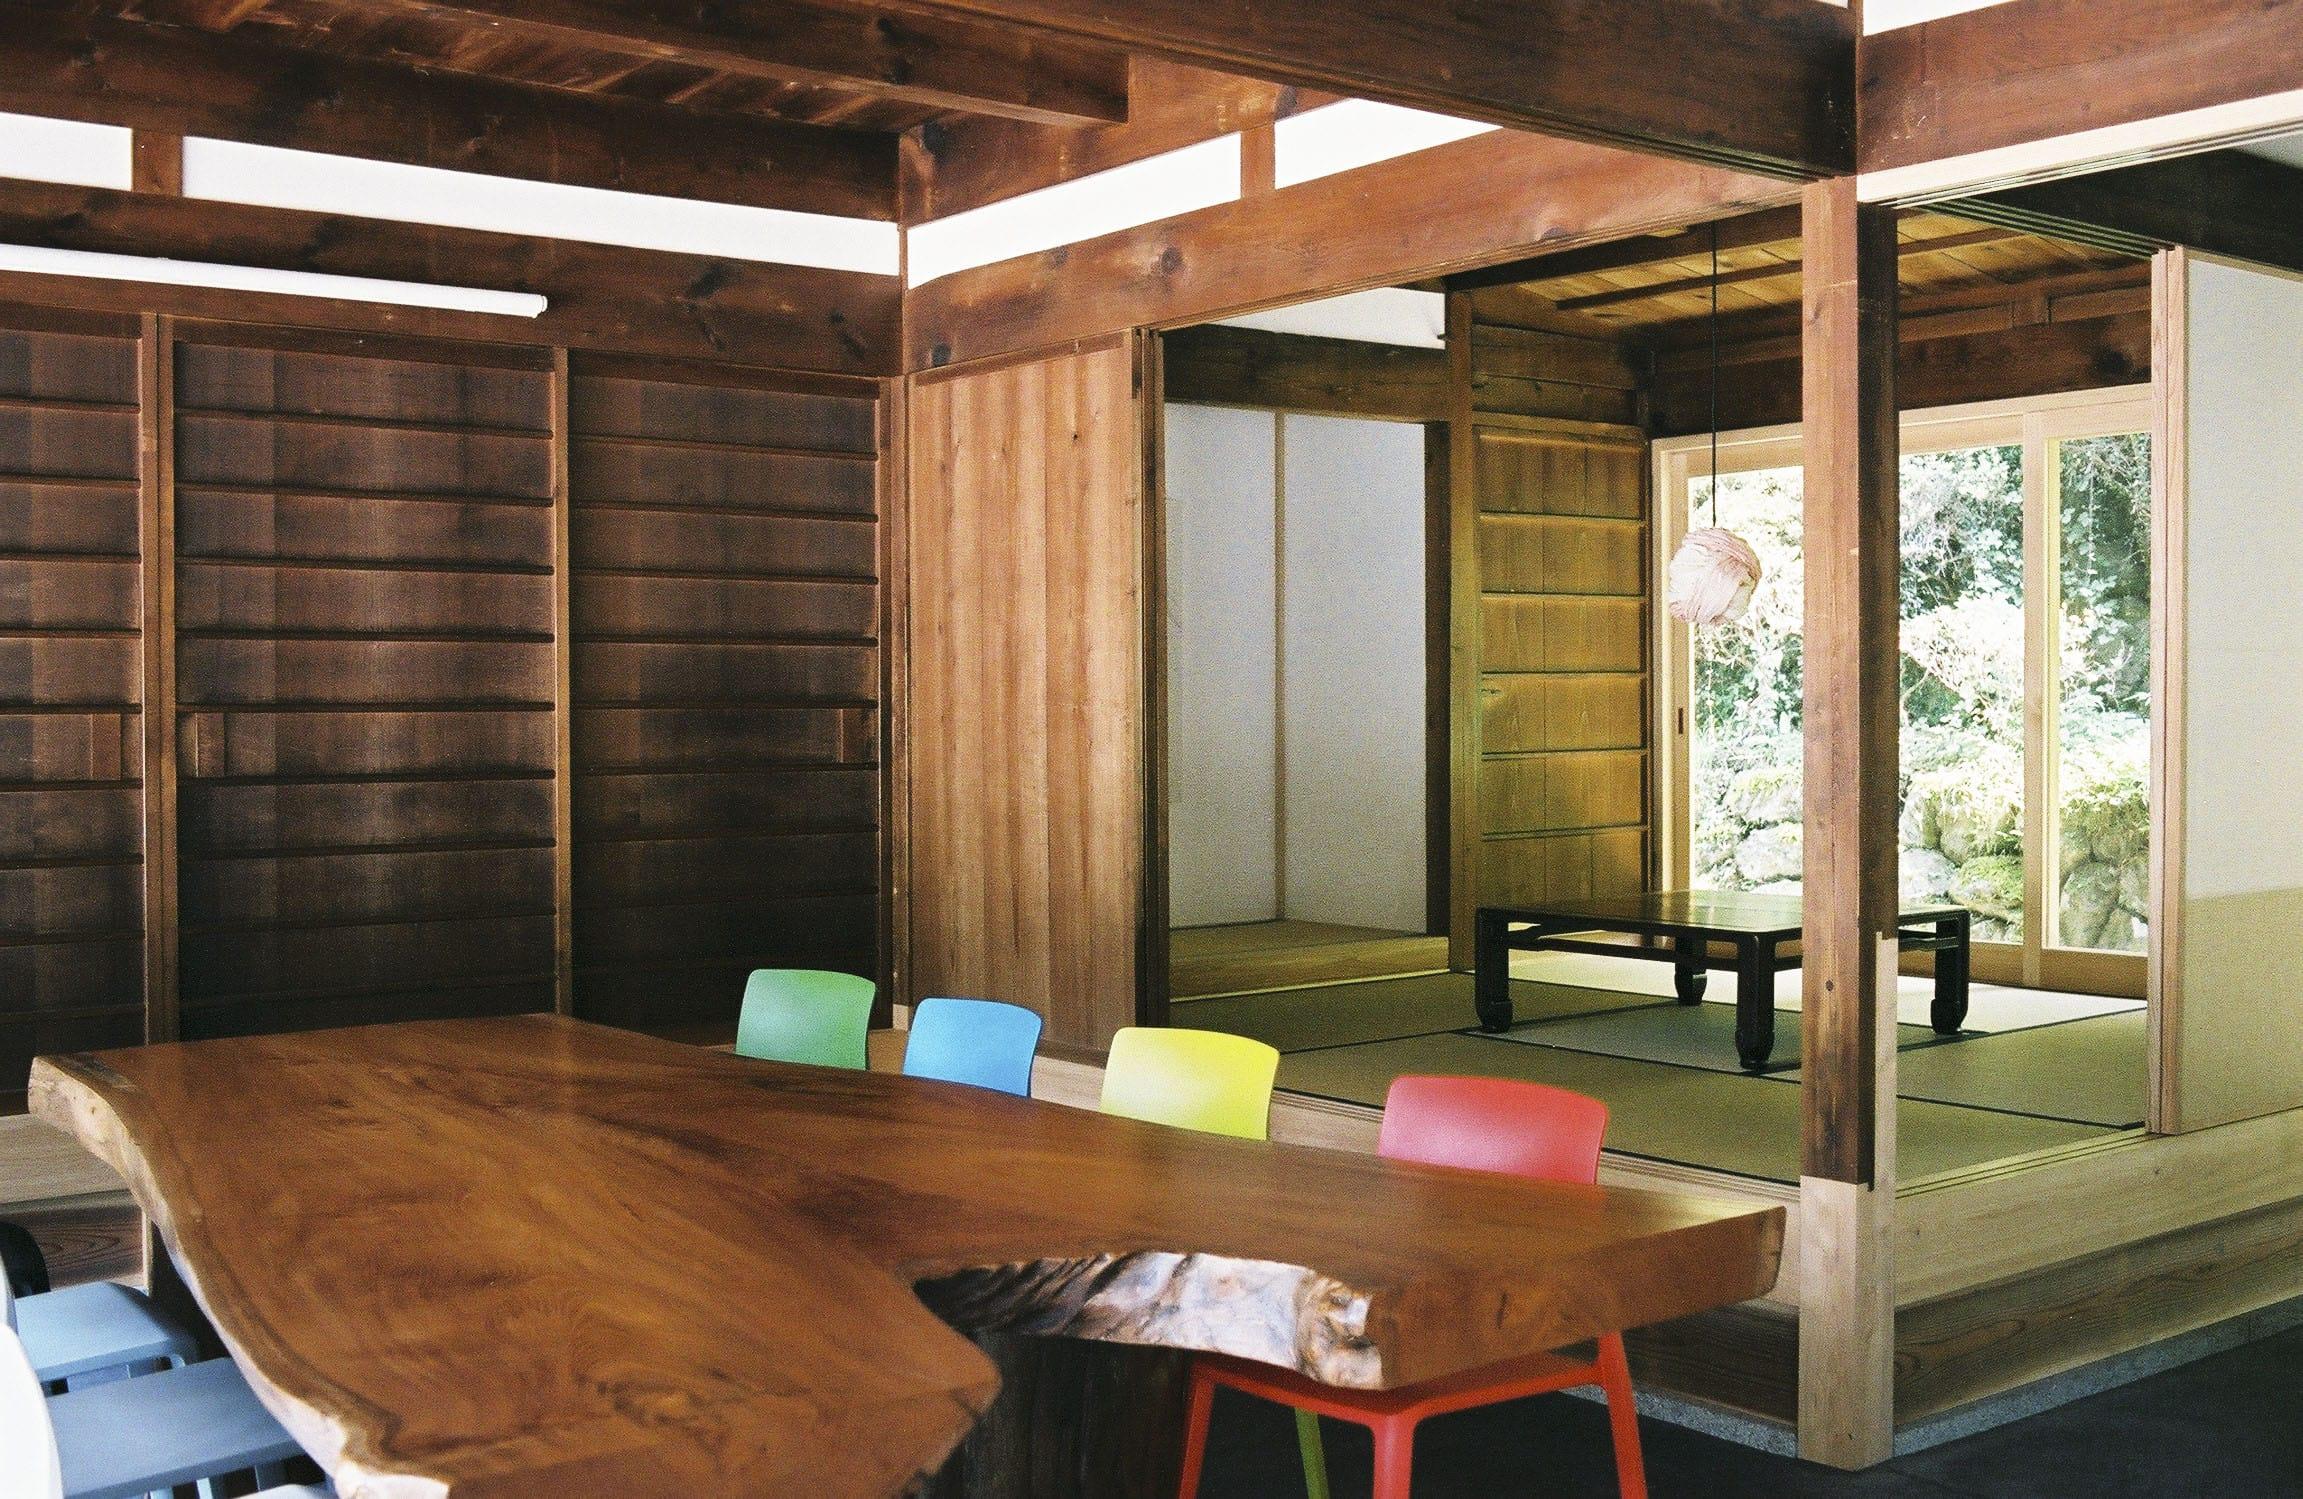 立派な吉野檜のテーブルがワークスペース。このテーブルで仕事したり、打ち合わせをしたり、夜はみんなで囲む食卓になることも。